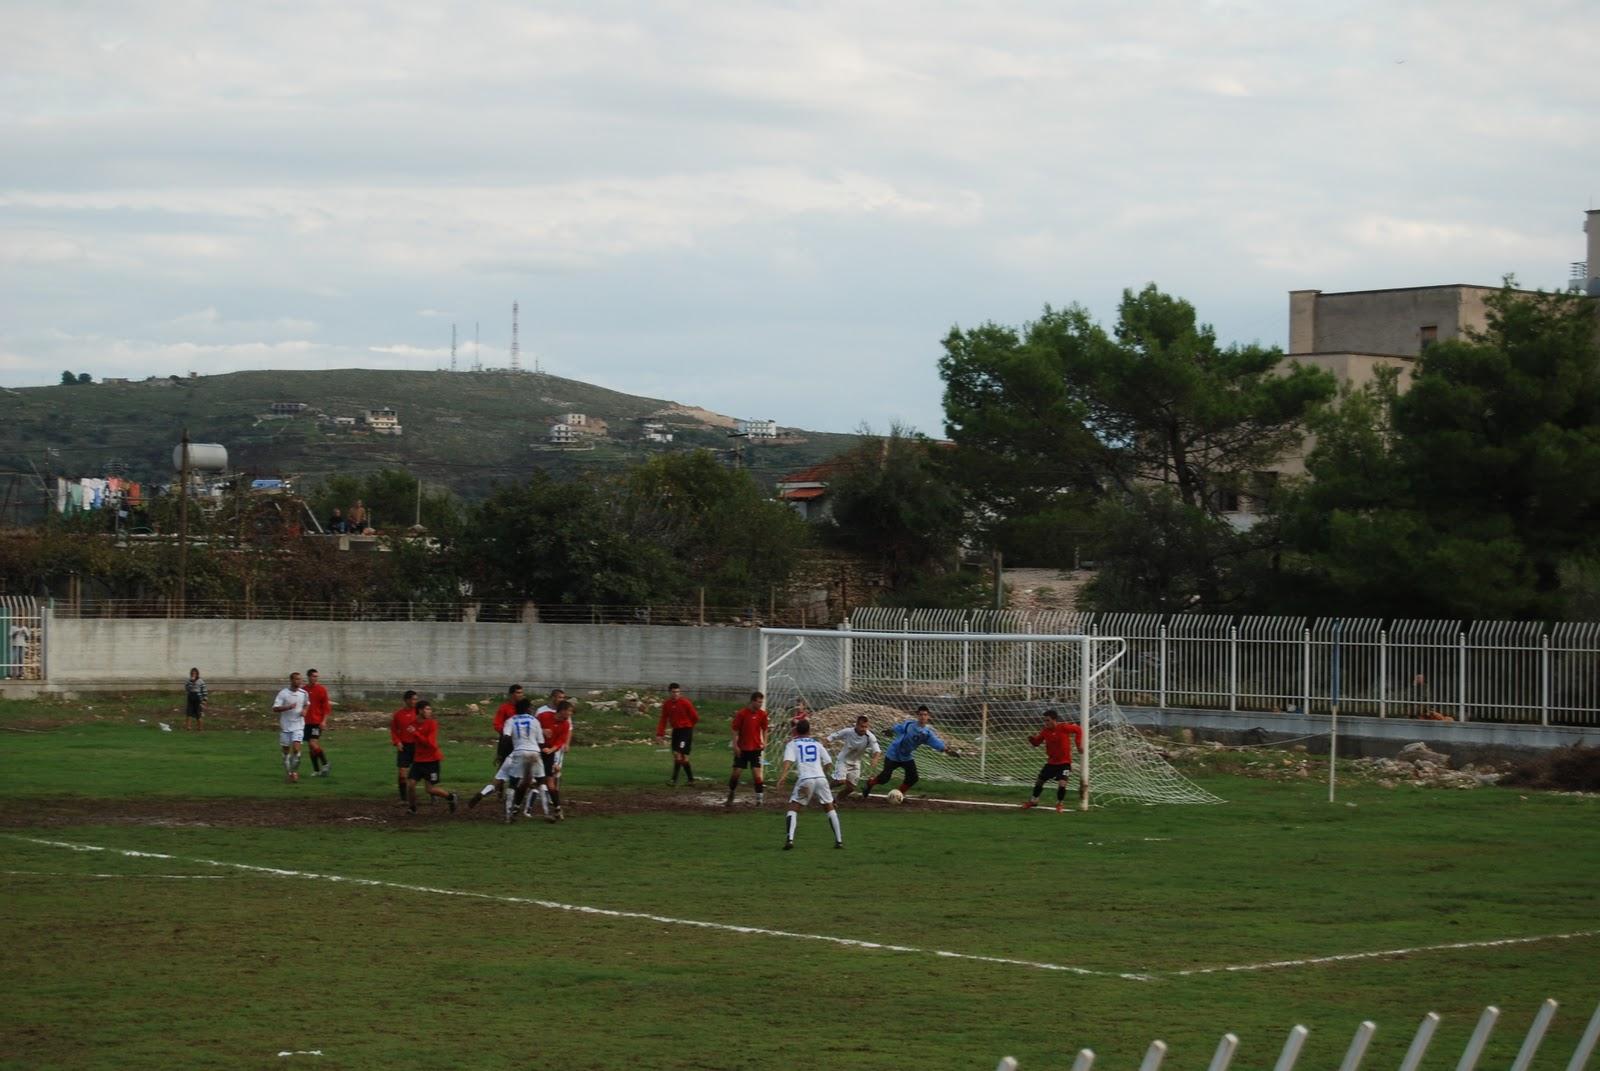 Ήττα της Χιμάρας στο ποδόσφαιρο